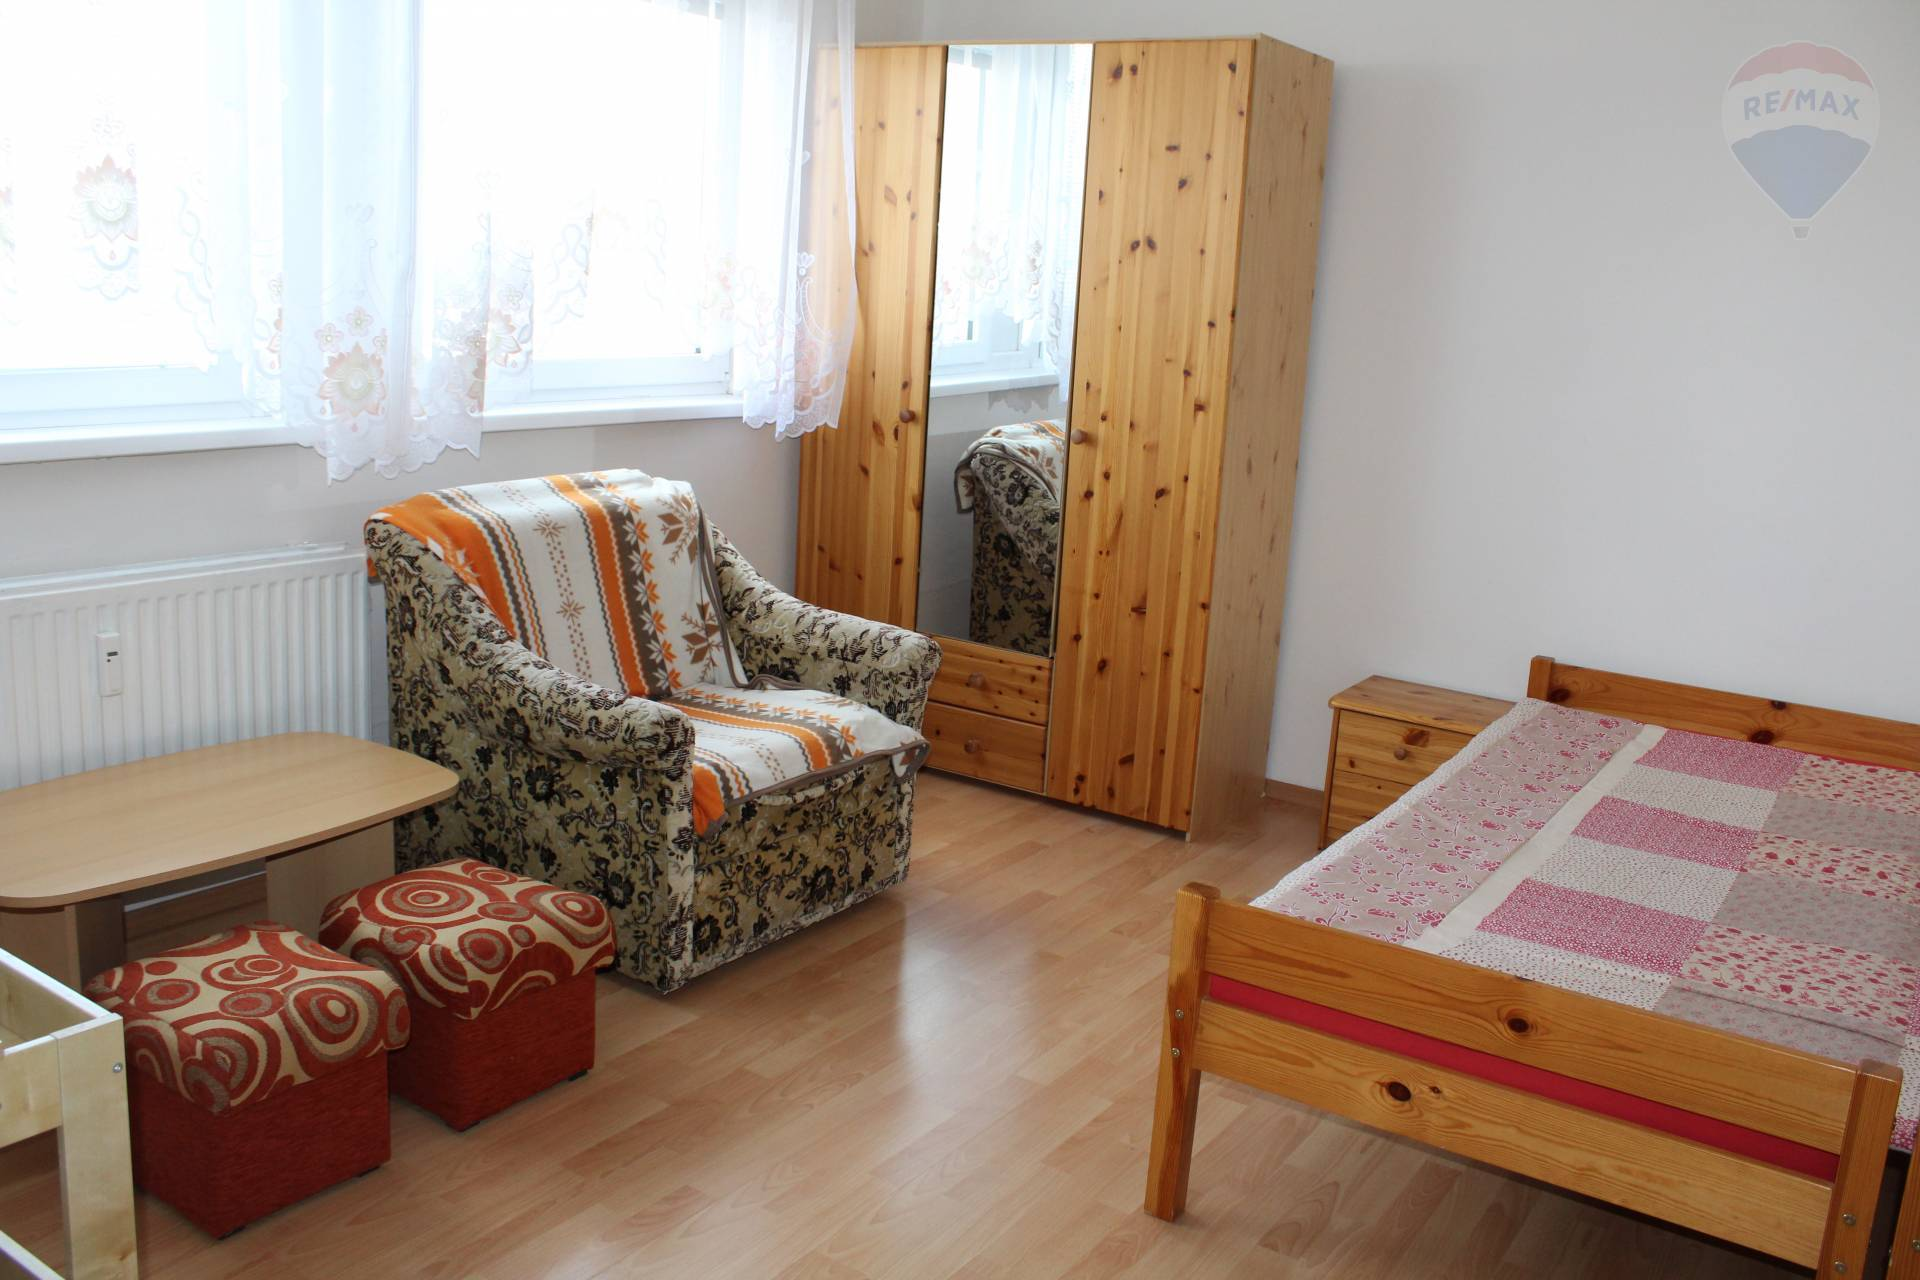 RE/MAX Elite ponúka na prenájom pekný 1 izbový byt na Martinčekovej ul.